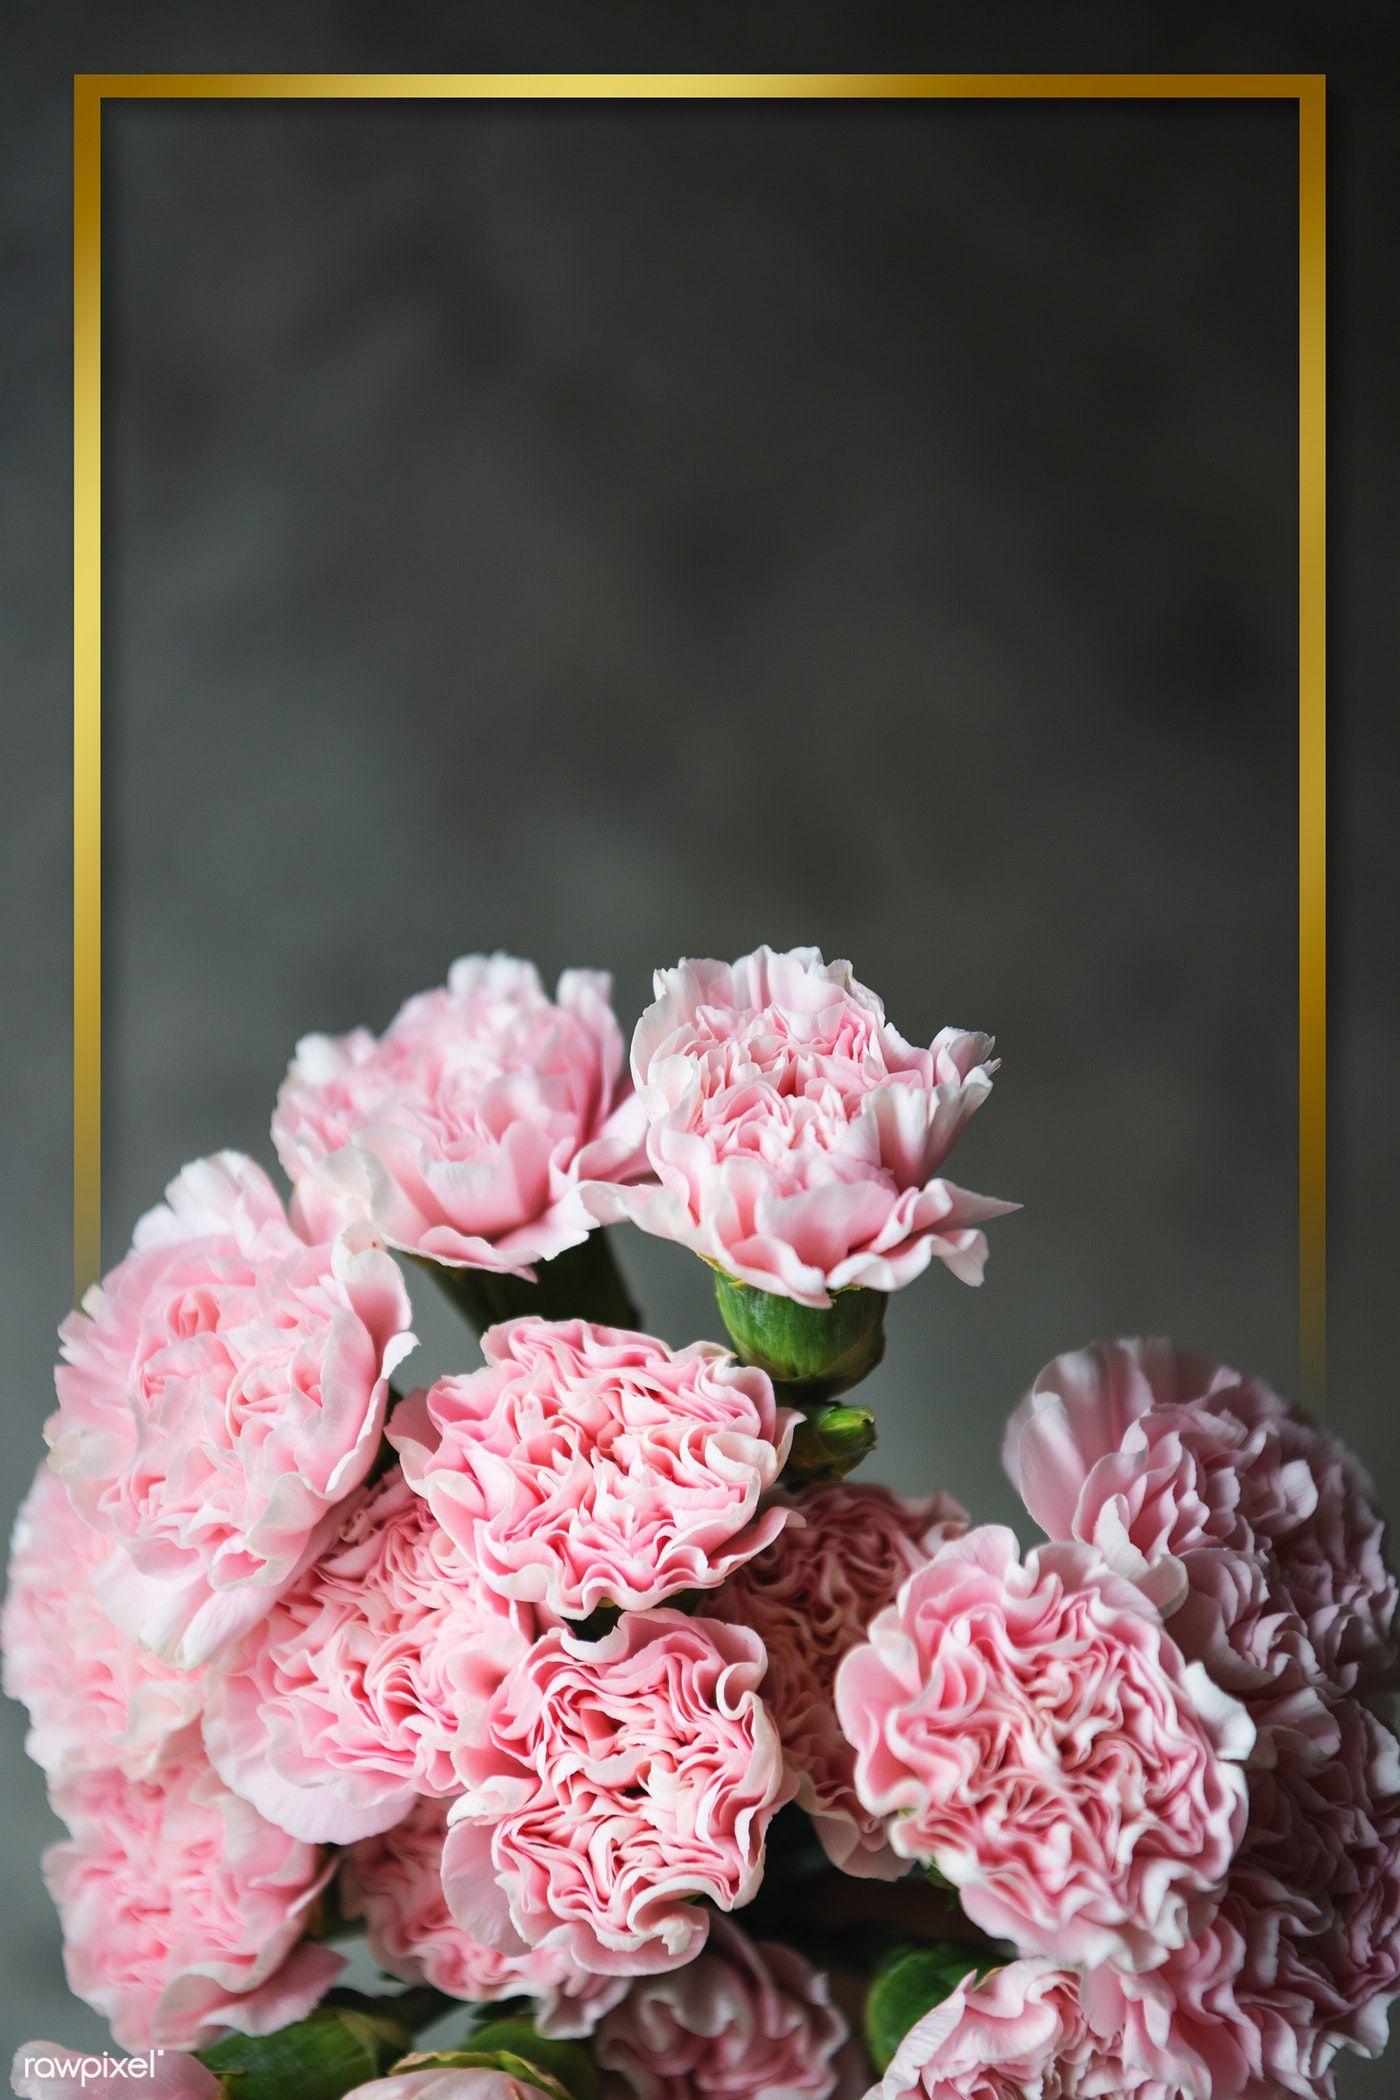 Download Premium Psd Of Golden Frame With Pink Carnation Wallpaper Design Pink Carnations Floral Border Design Carnation Flower